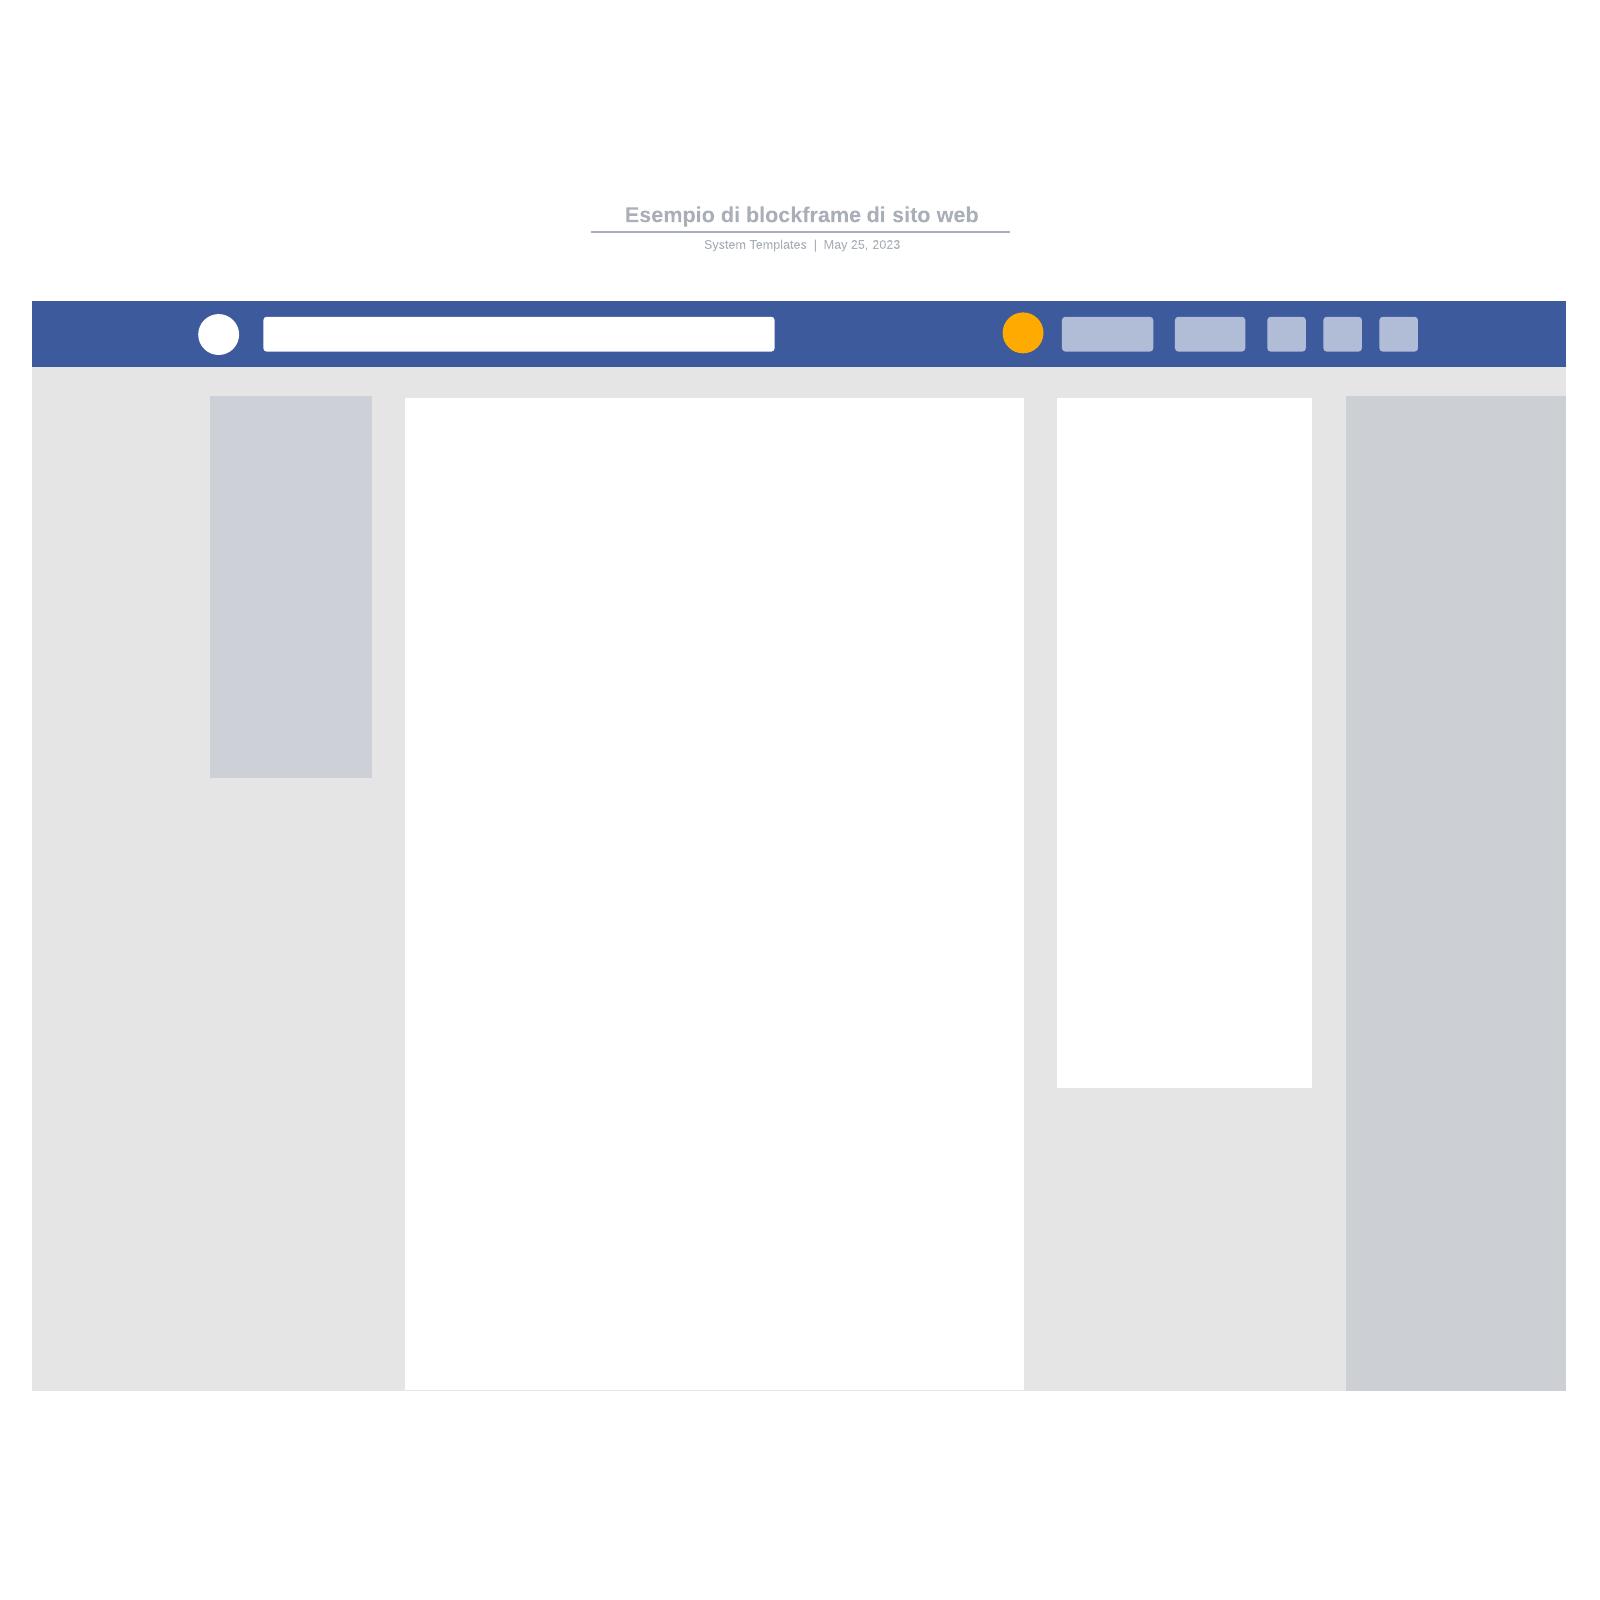 Esempio di blockframe di sito web